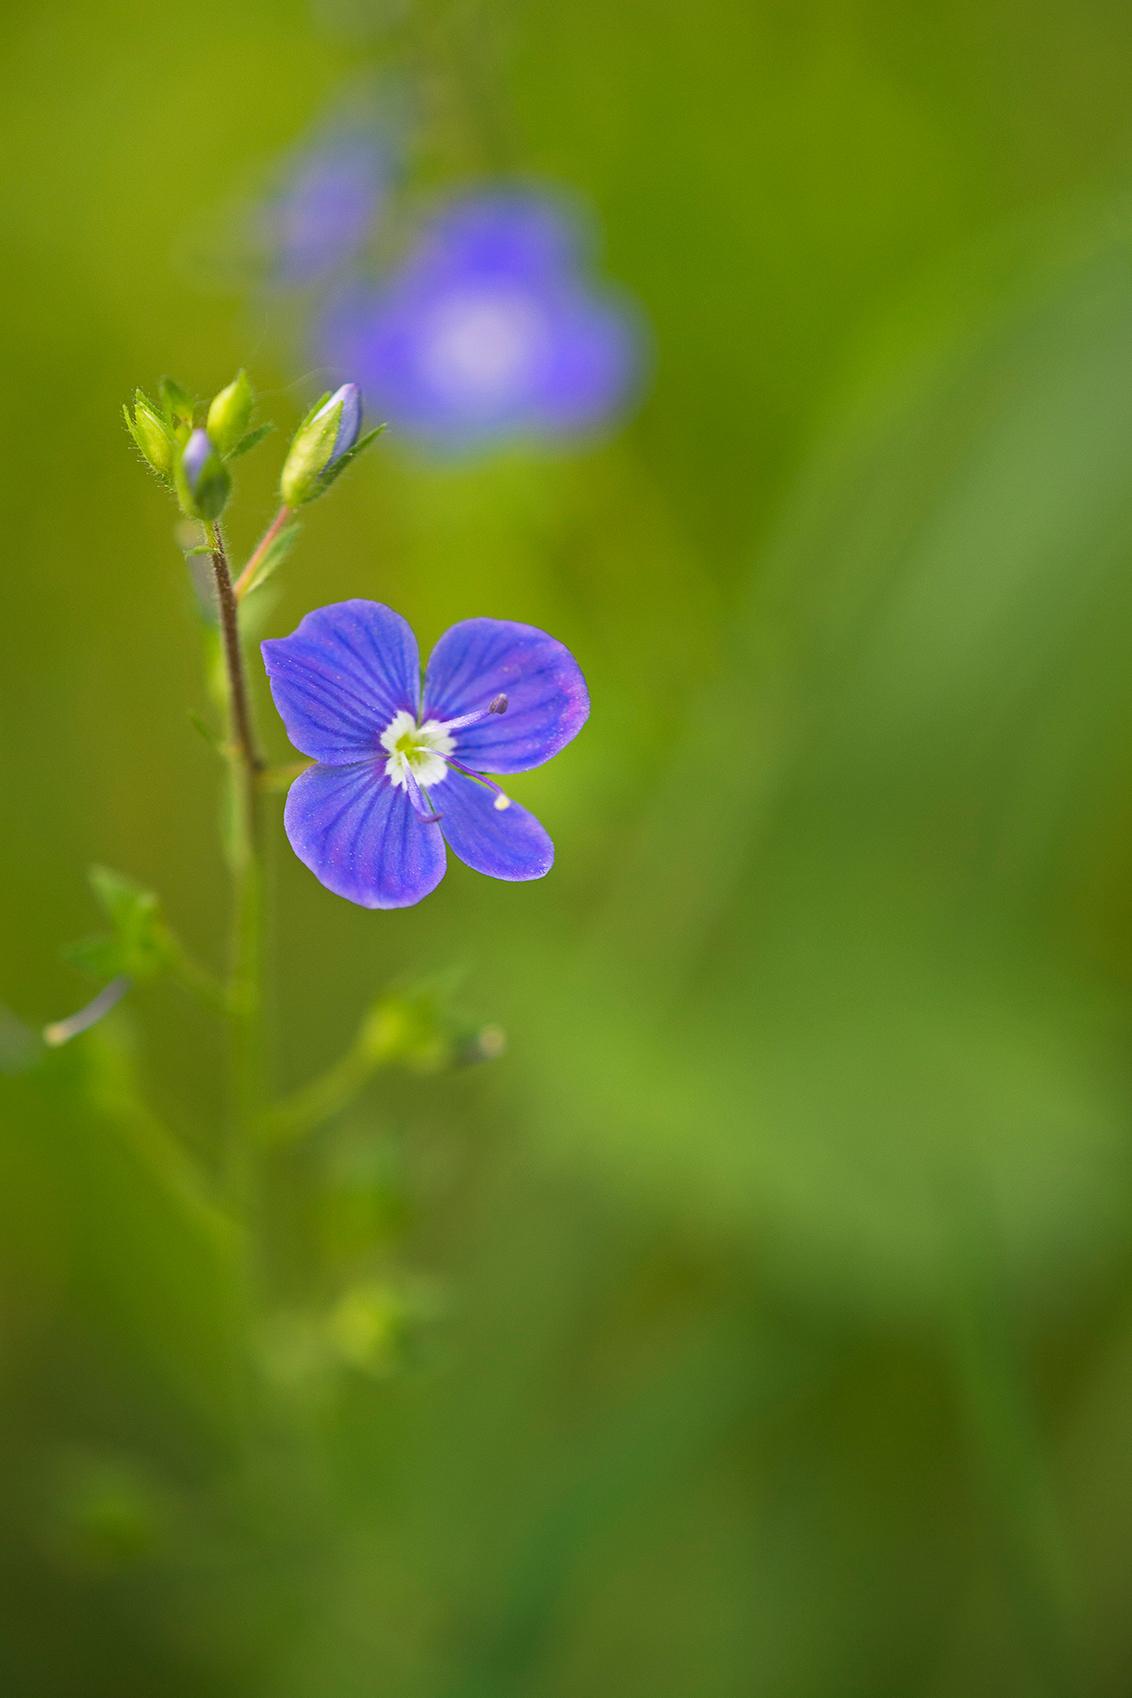 Ereprijs - Nog een bloemetje uit de botanische tuin.. - foto door cvthazn op 24-05-2014 - deze foto bevat: macro, bloem, natuur, ereprijs